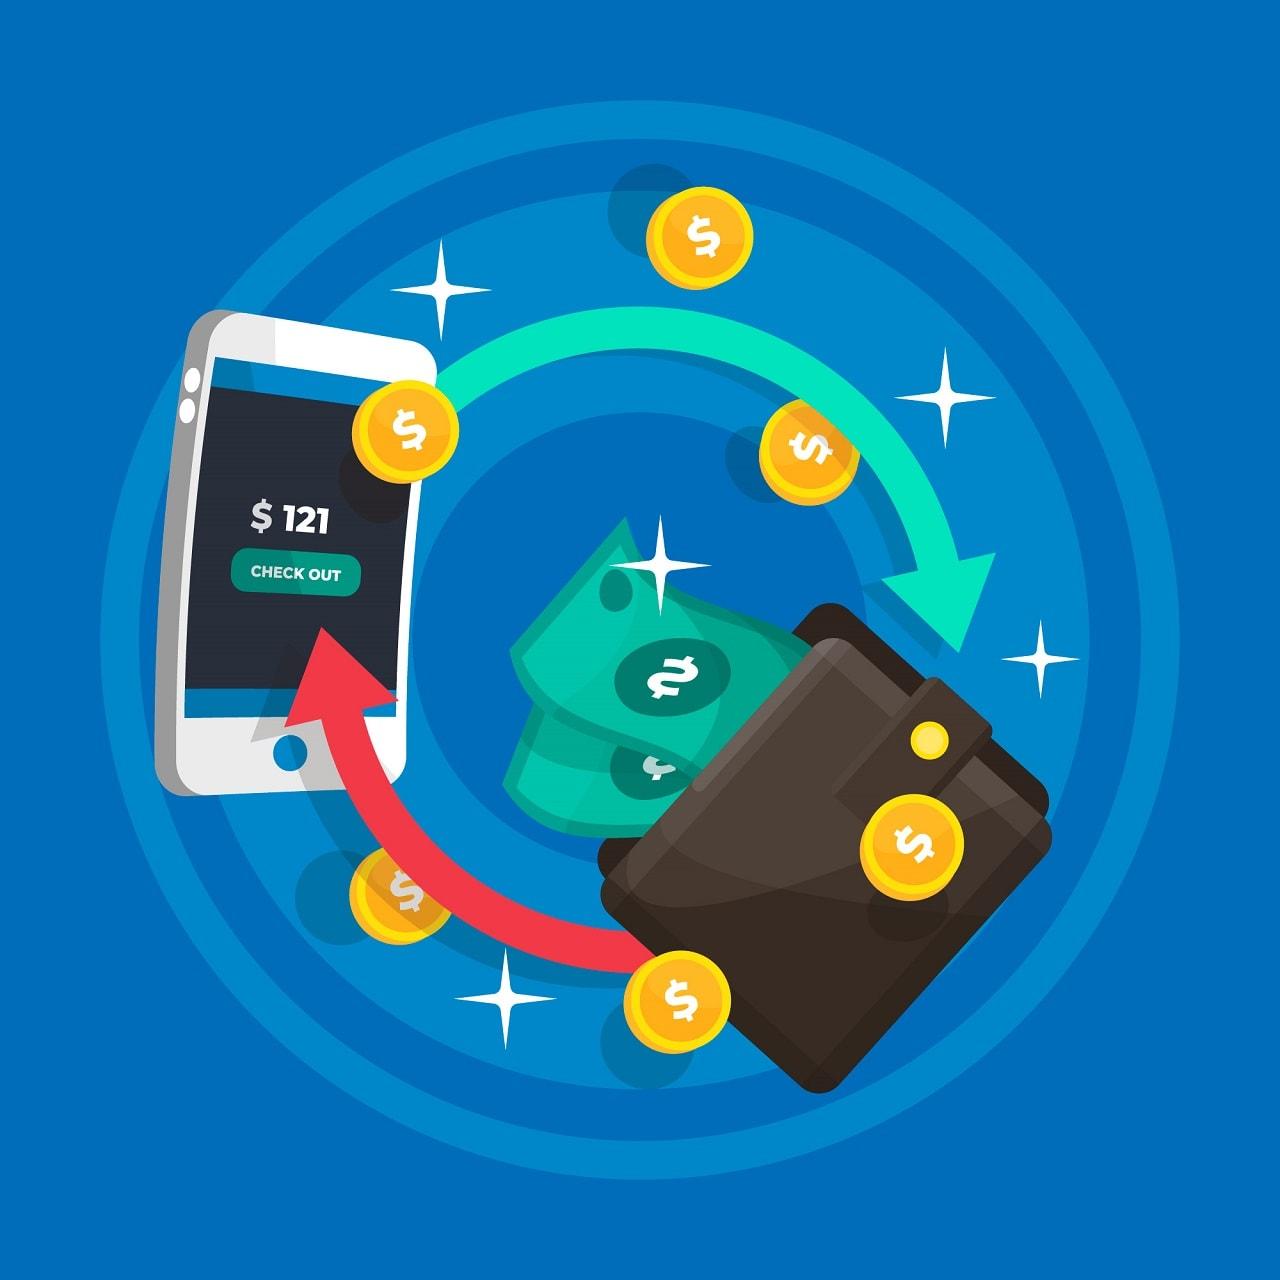 Bạn muốn rút tiền về qua ví điện tử mặc dù đã nạp tiền từ thẻ VISA và ngược lại?